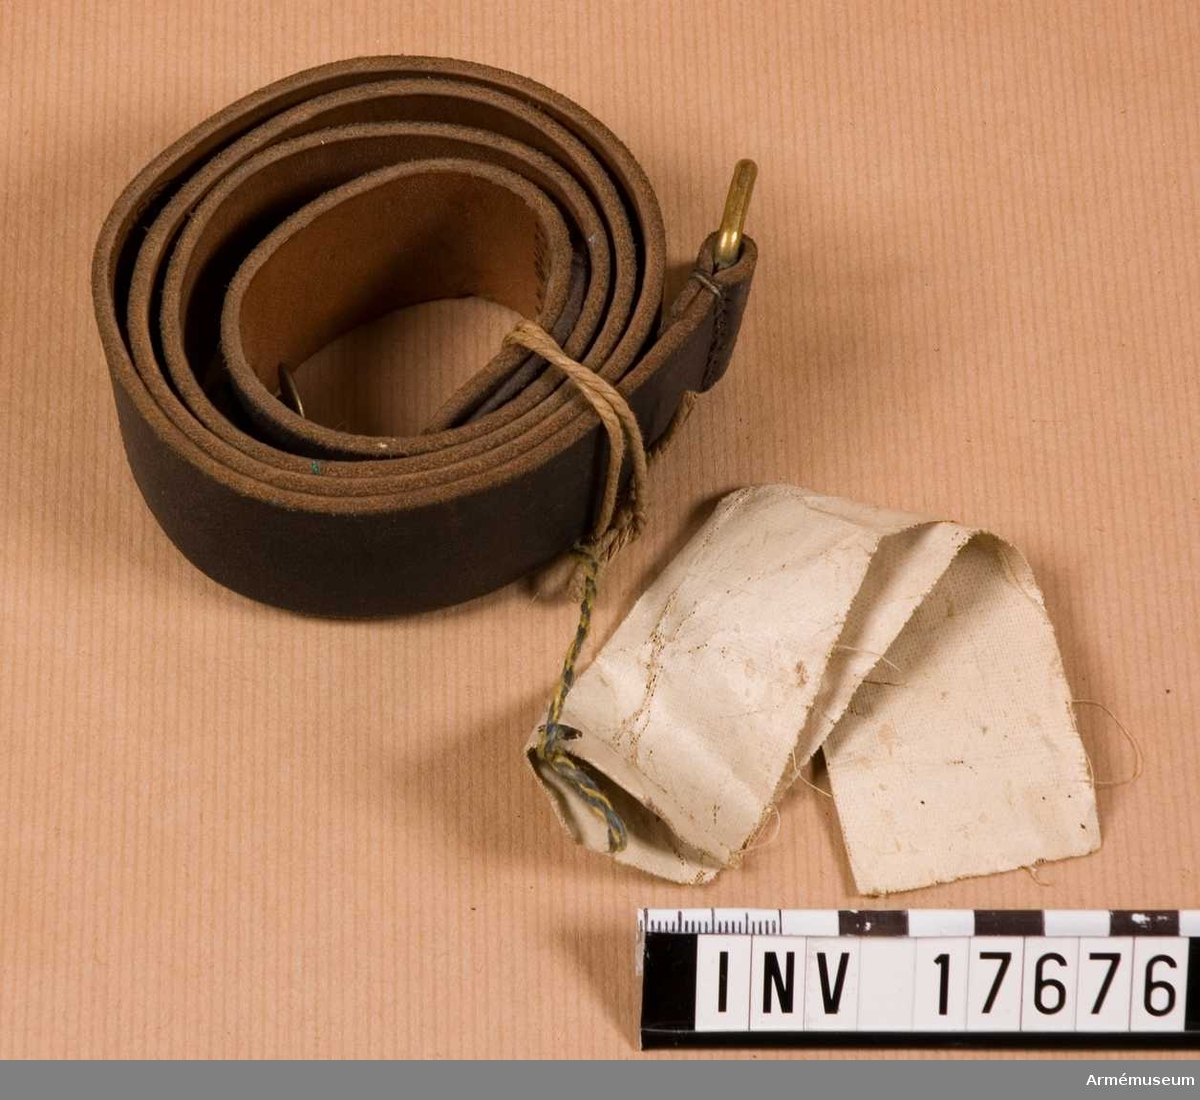 """Grupp C Gevärrem. svartfärgad, 3,5 cm bred, med spännen på ena änden och en knapp på den andra. Spänne och knapp av koppar. På remmen finns en intryckt stämpel: """"1899"""" och en stämpel med påskrift: """"29.7,1899"""" """"G.P."""" Commission de réception"""". Gevärsremmen har en pappersetikett med påskrift: """"Frankrike"""" """"Bretelle de fusil"""" """"Bekommen år 1900"""".Enligt kapten W. Granberg 1949."""